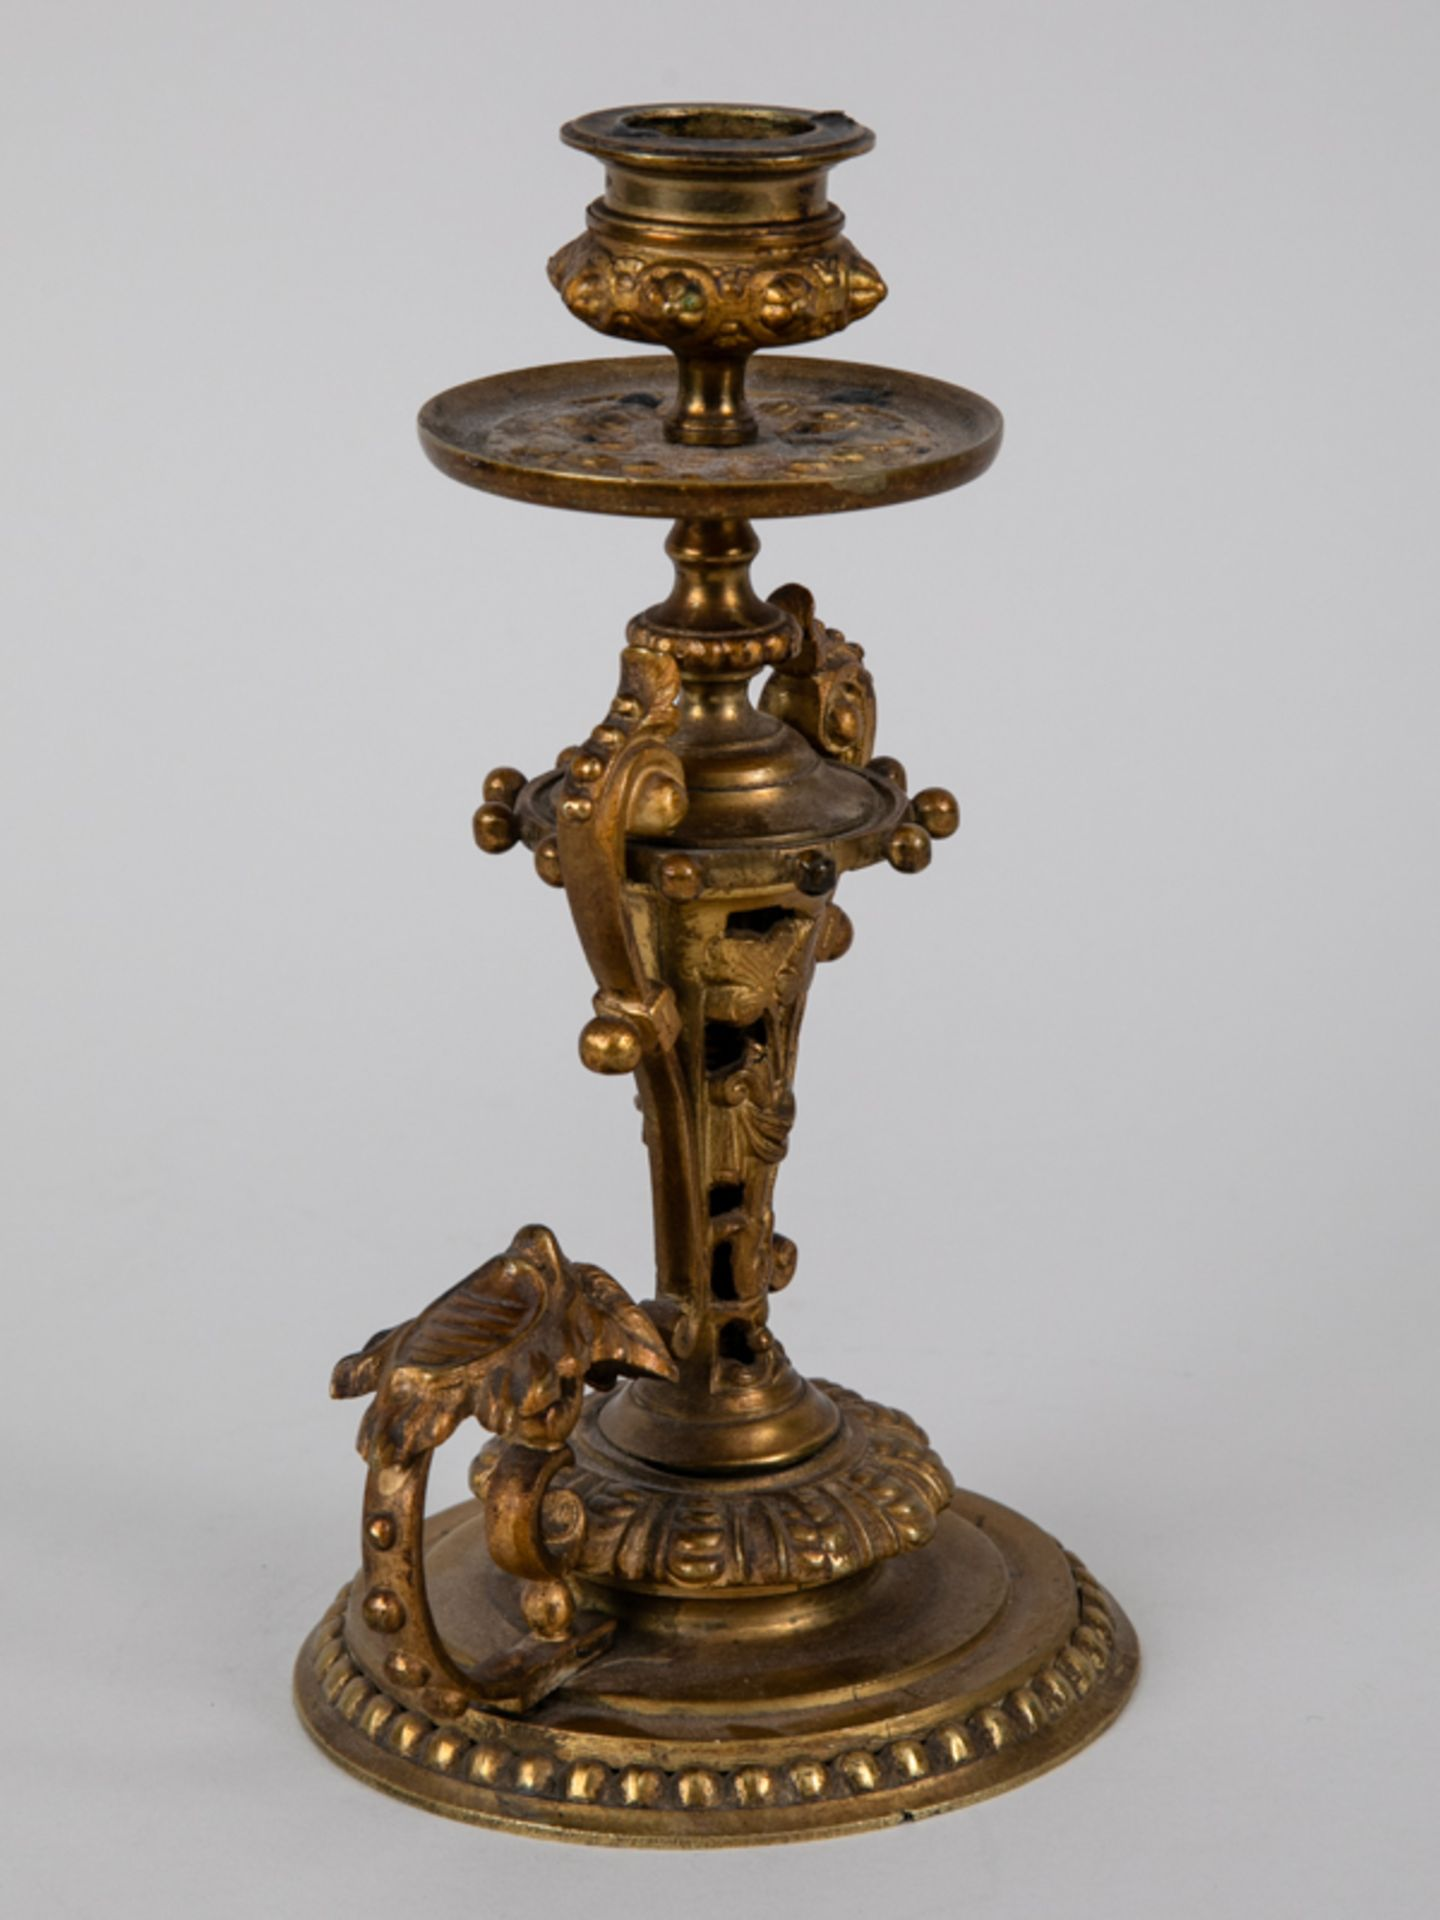 Neo-Renaissance-Einzelleuchter mit Griff, Ende 19. Jh. Zinkguss, vergoldet; mehrgliedrig versch - Bild 7 aus 7